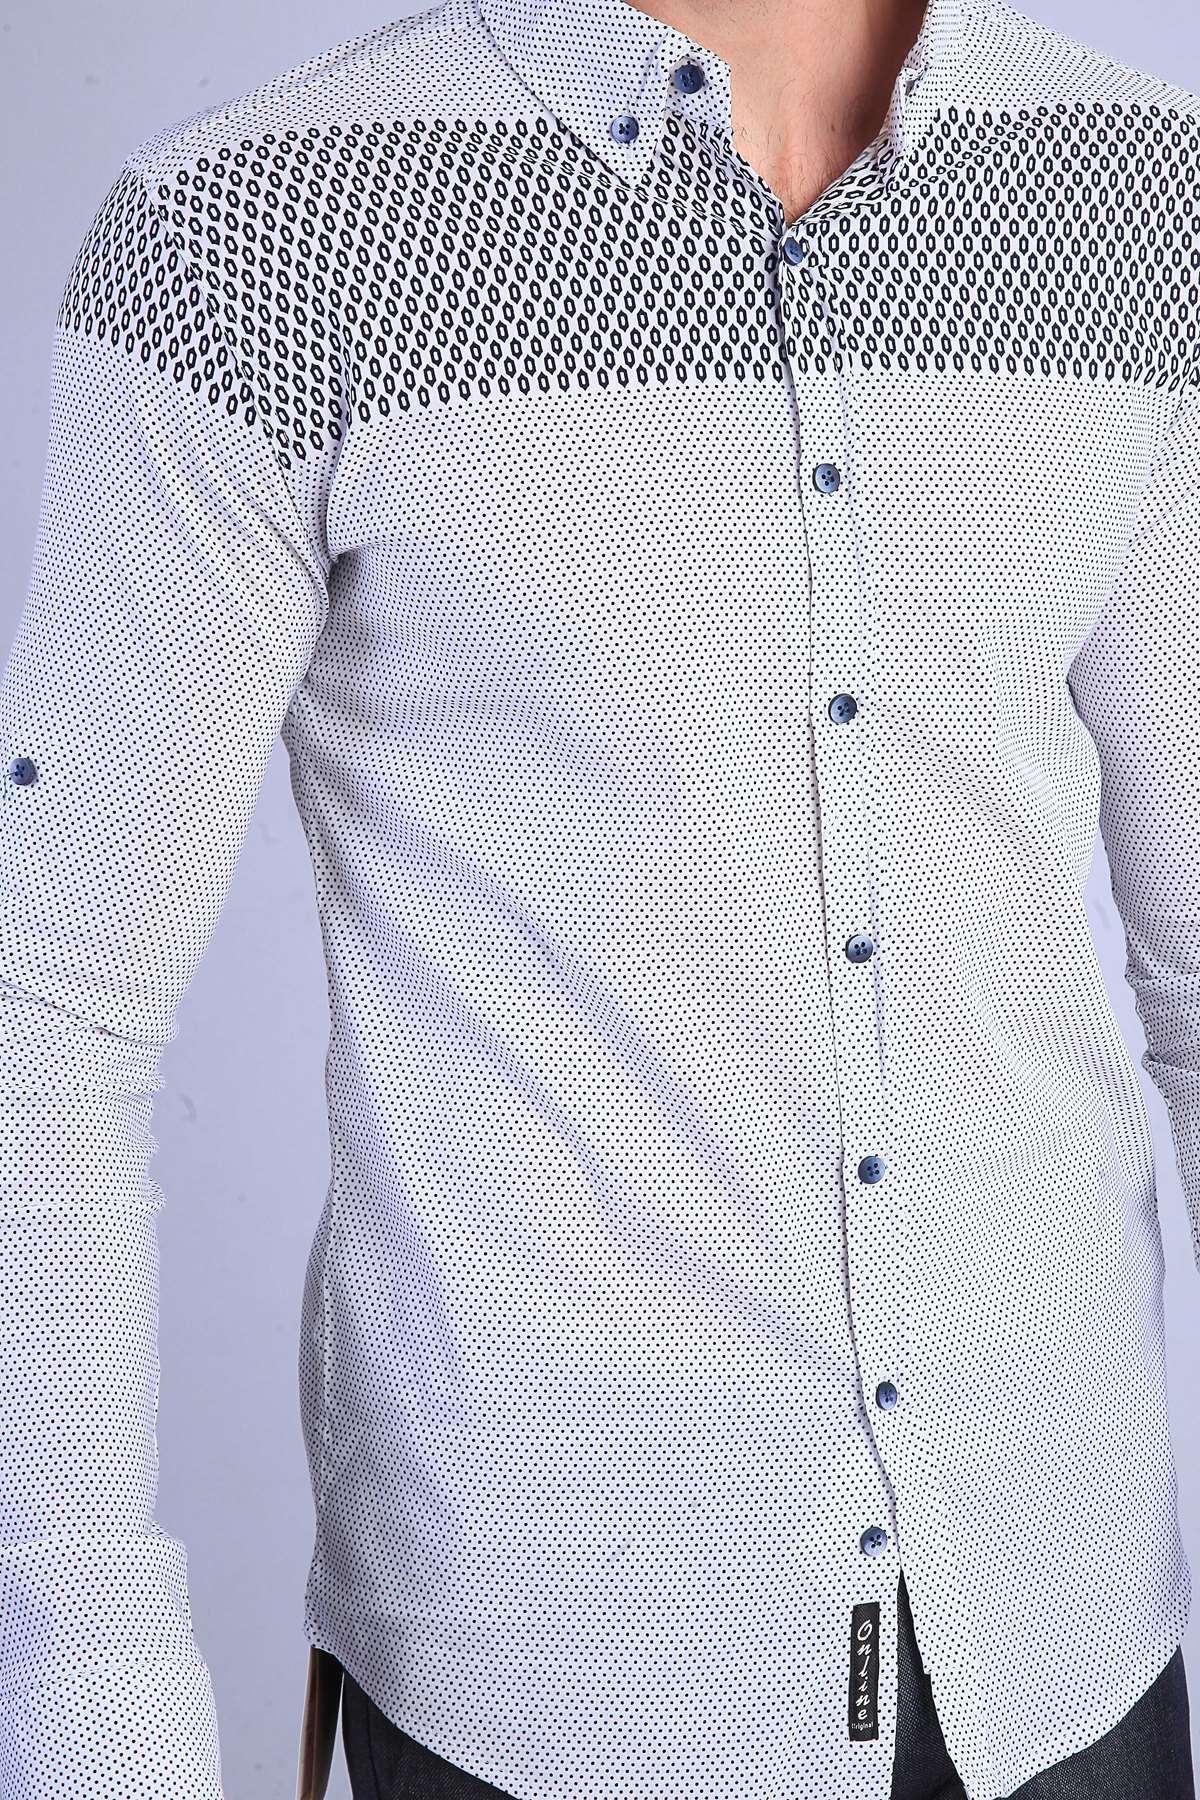 Pano Baskılı Noktalı Slim Fit Gömlek Beyaz